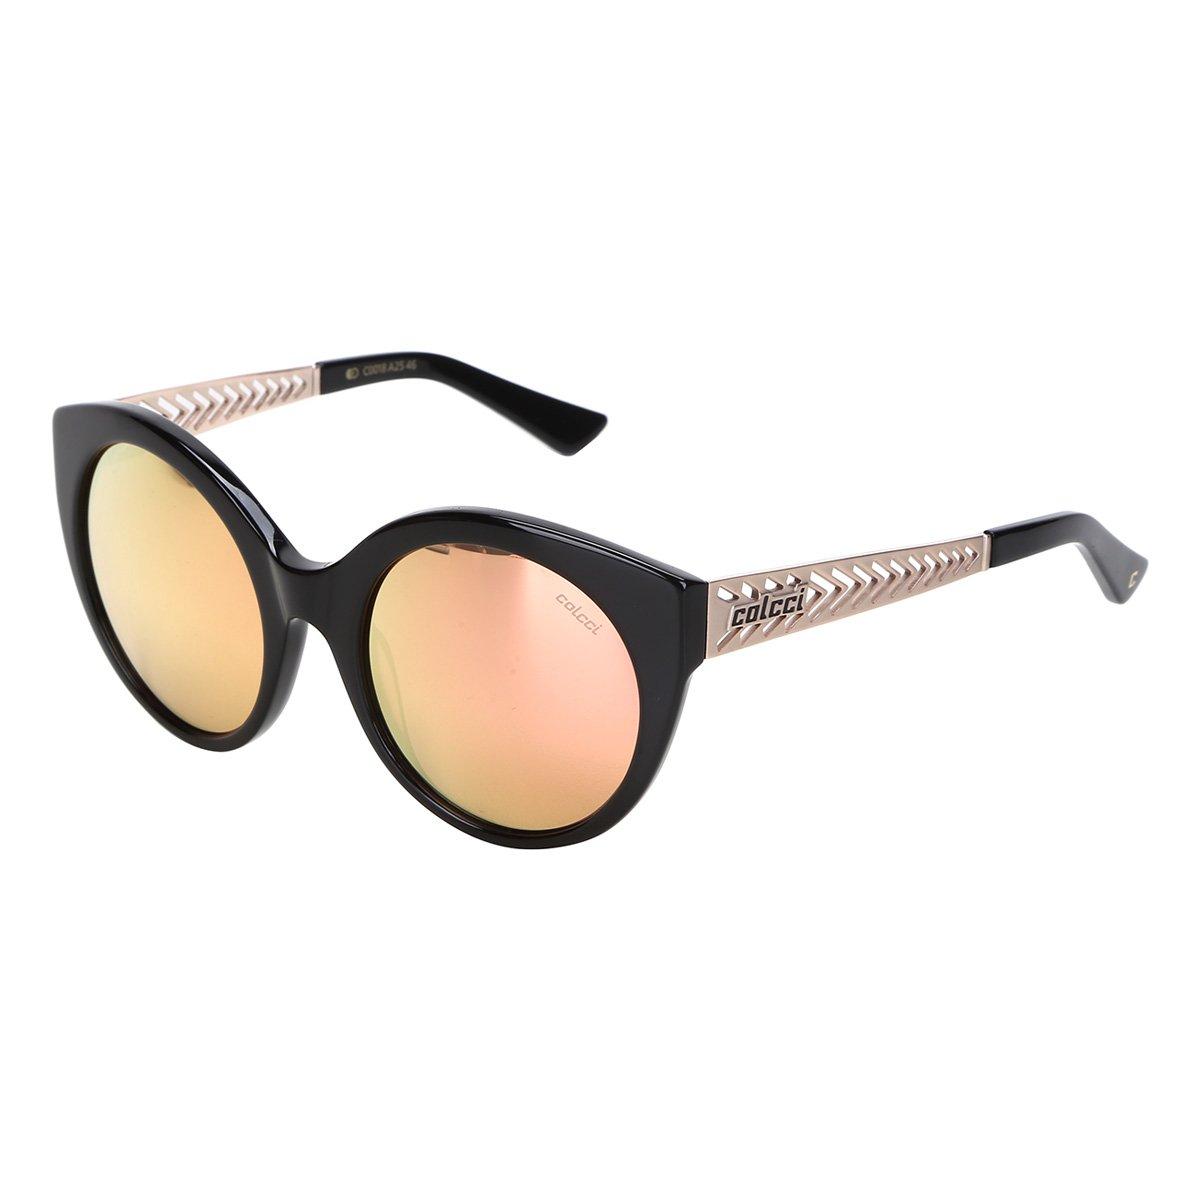 015a2498b Óculos de Sol Colcci C0018 Feminino